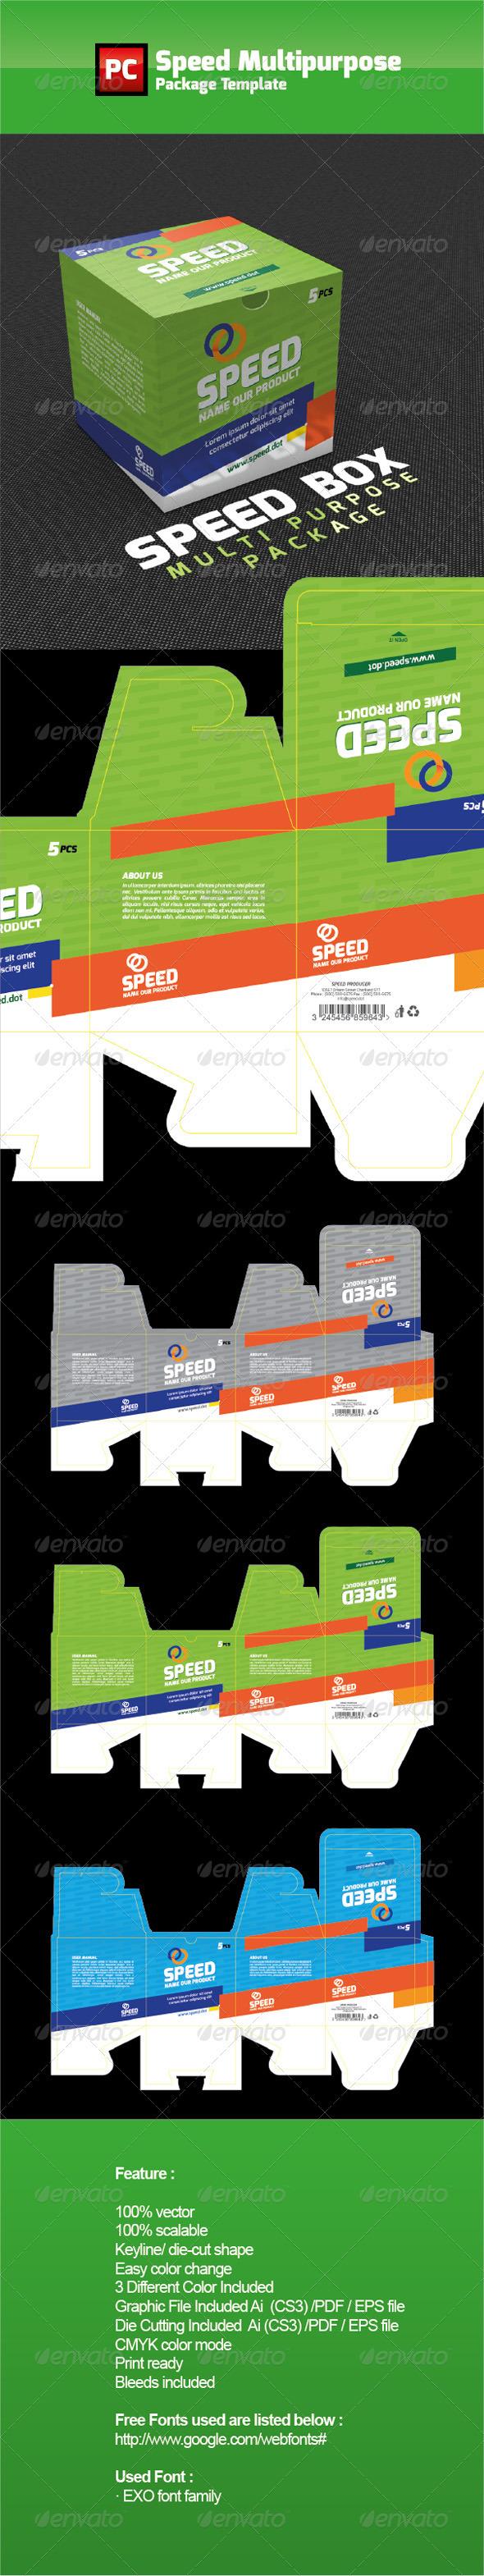 Speed Multipurpose Package Template 包装设计源文件